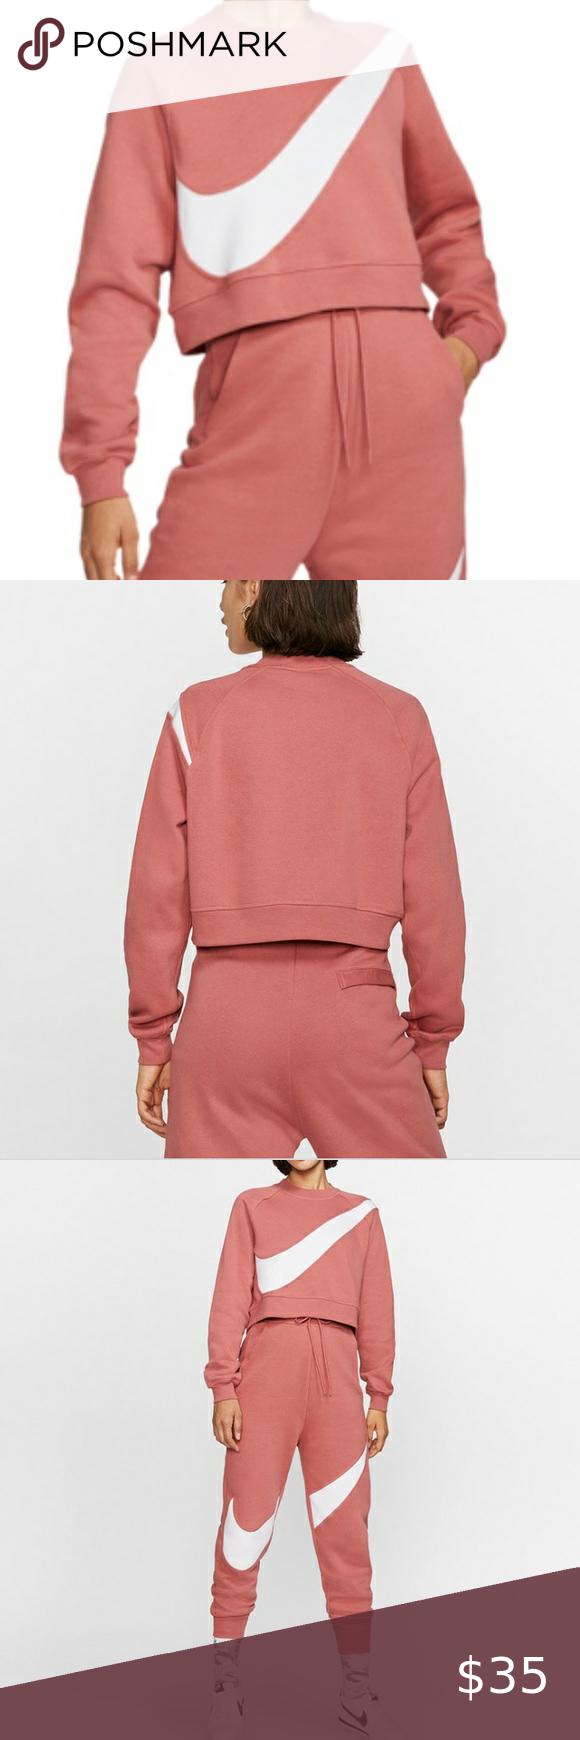 Nike Sportwear Fleece Crop Sweatshirt Redwood Sweatshirts Crop Sweatshirt Sweatshirt Fleece [ 1740 x 580 Pixel ]